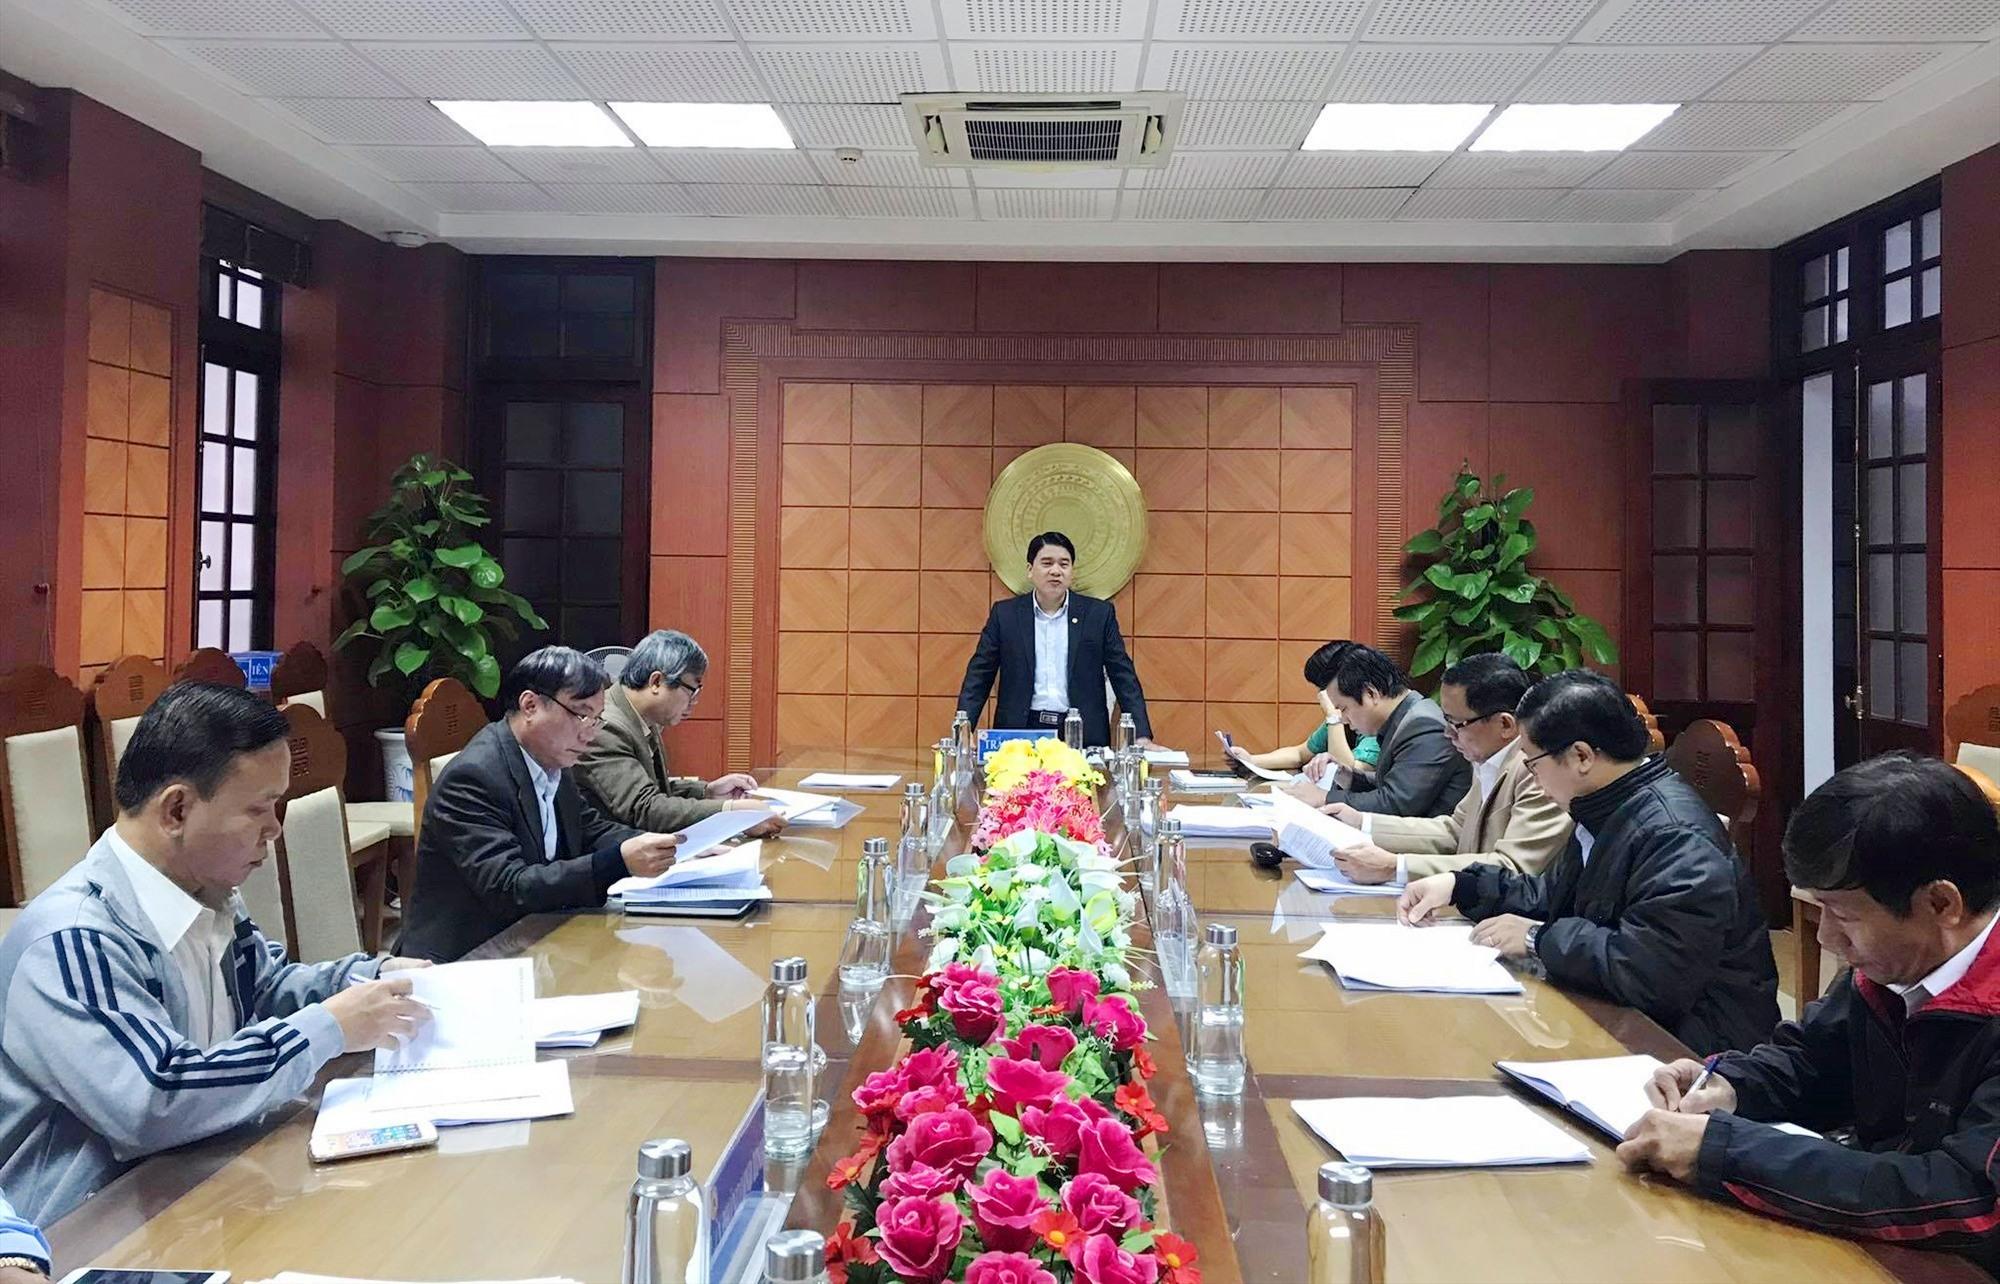 Phó Chủ tịch UBND tỉnh Trần Văn Tân chủ trì buổi làm việc giải quyết vướng mắc về gia hạn cấp thẻ BHYT sáng nay. Ảnh: D.L